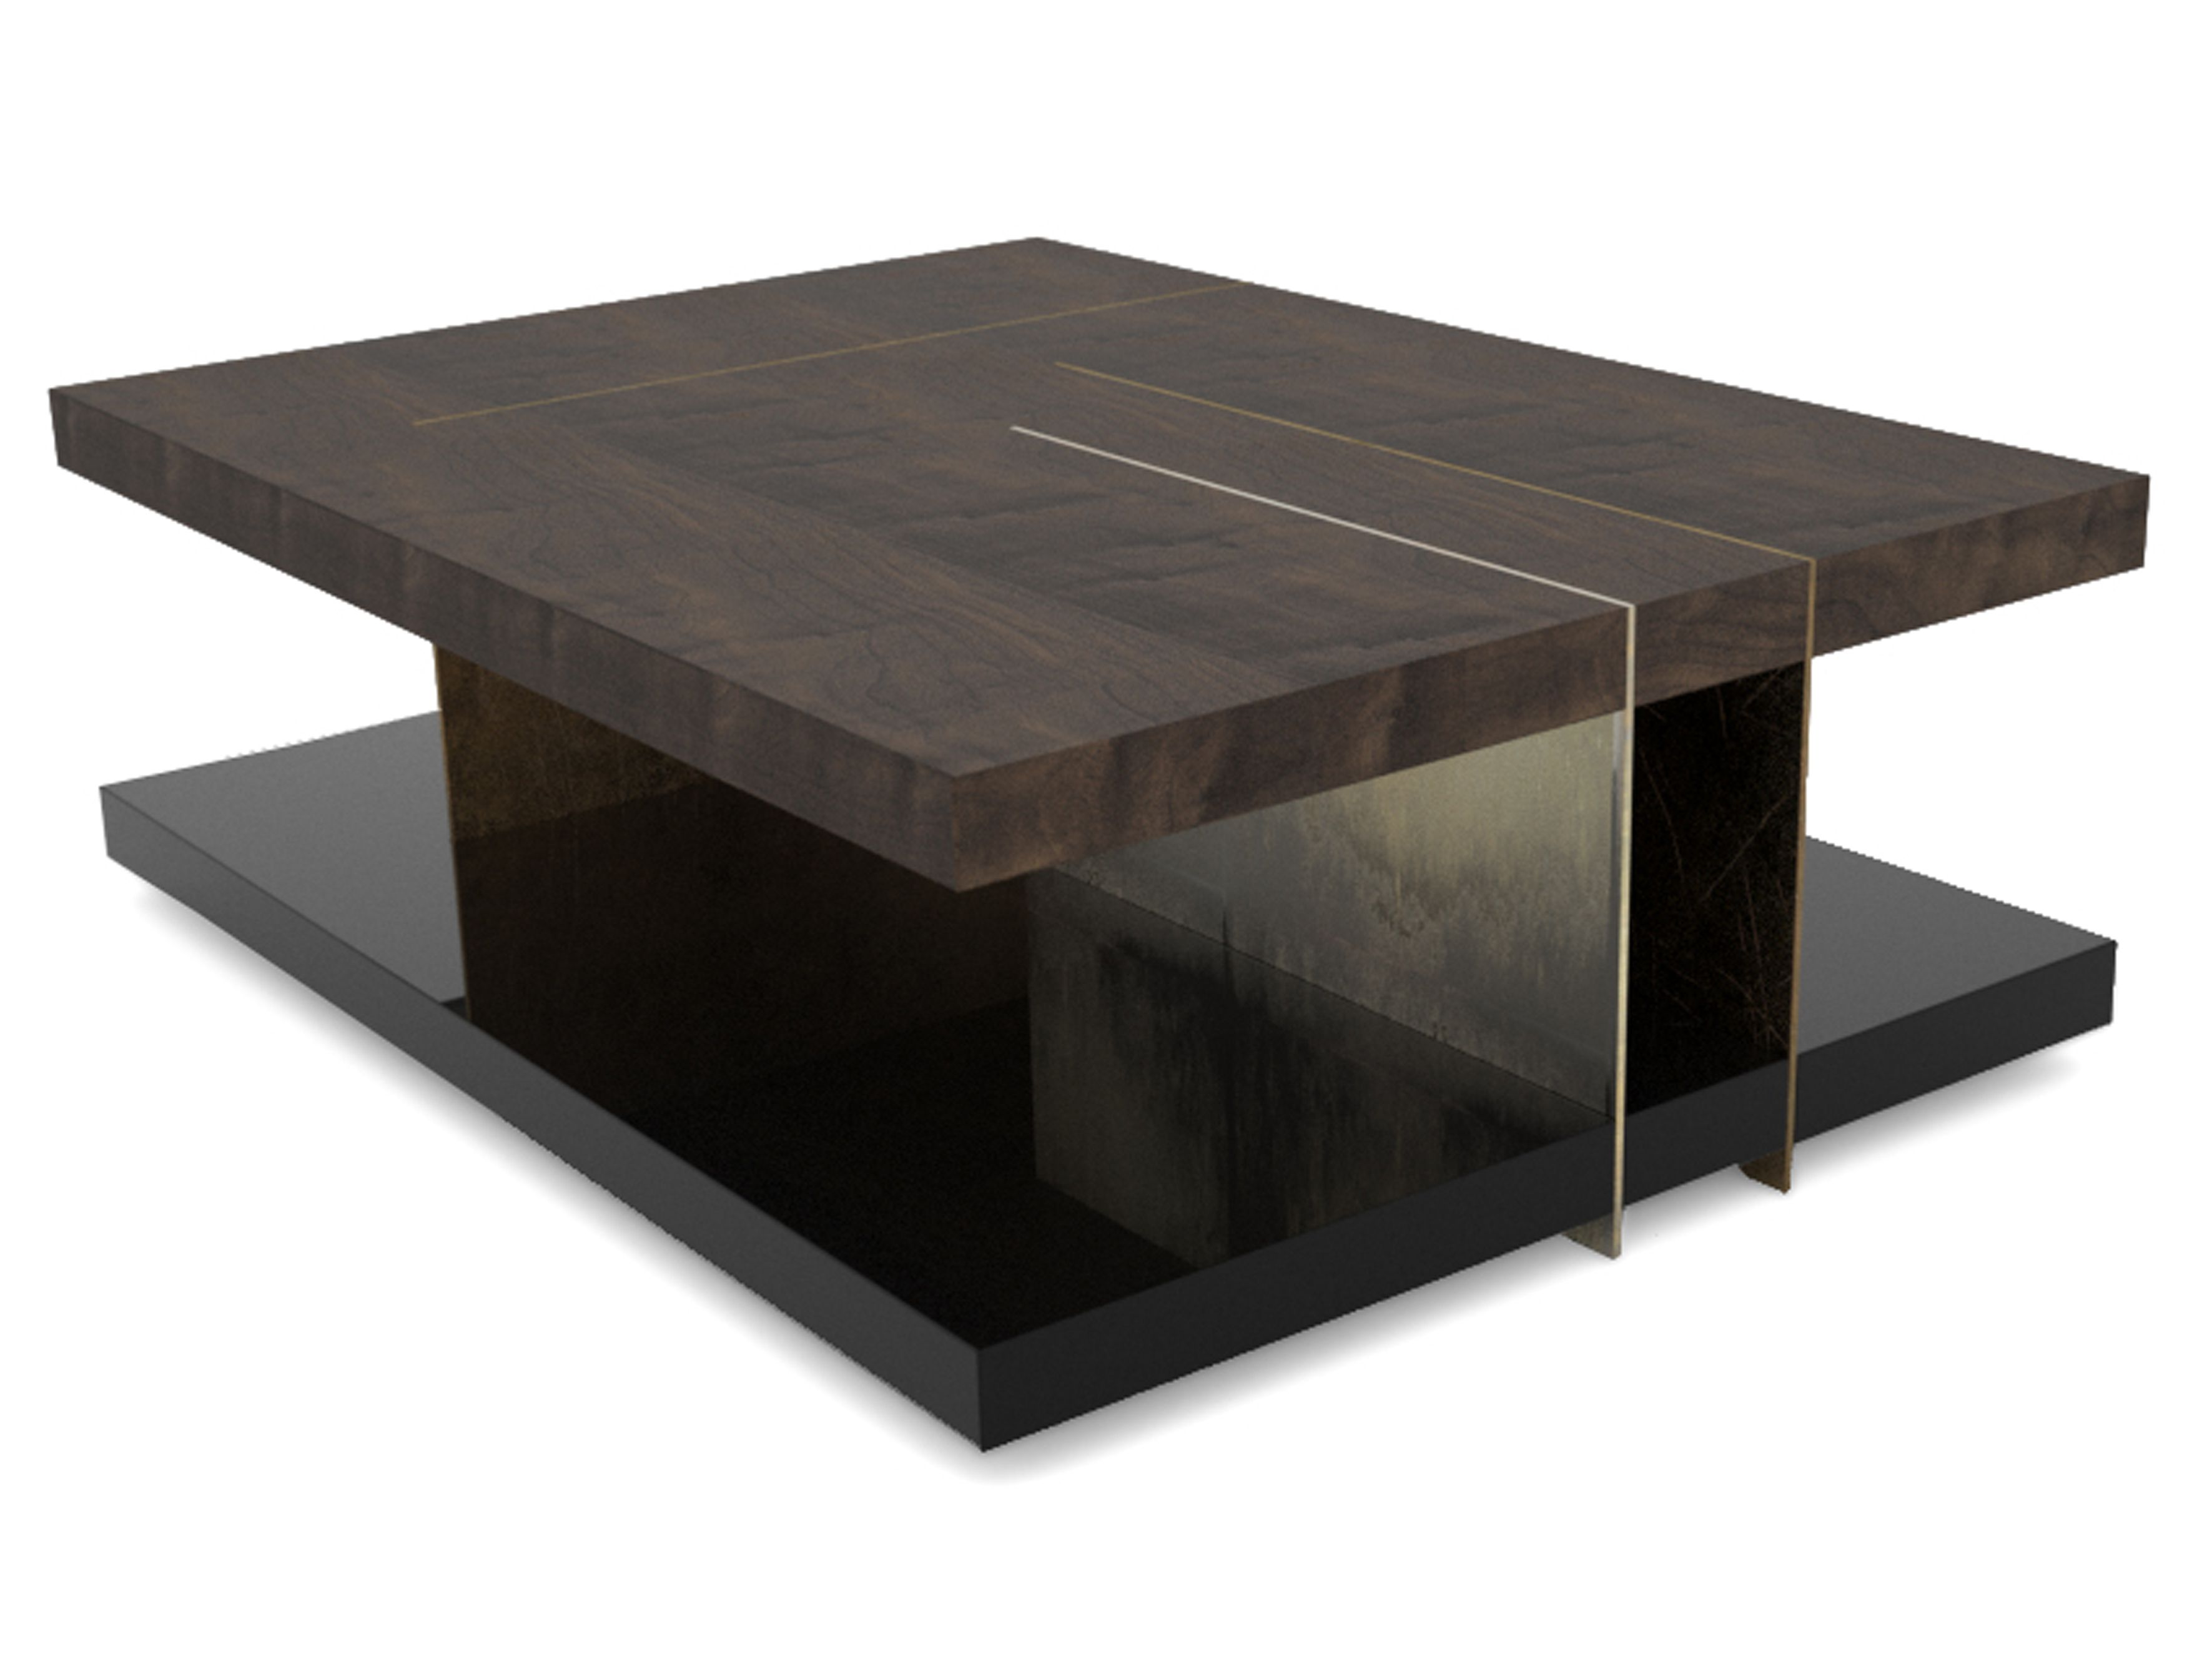 Low Wooden Coffee Table Lallan By Brabbu Coffee Table Wooden Coffee Table Rectangular Coffee Table [ 2657 x 3542 Pixel ]